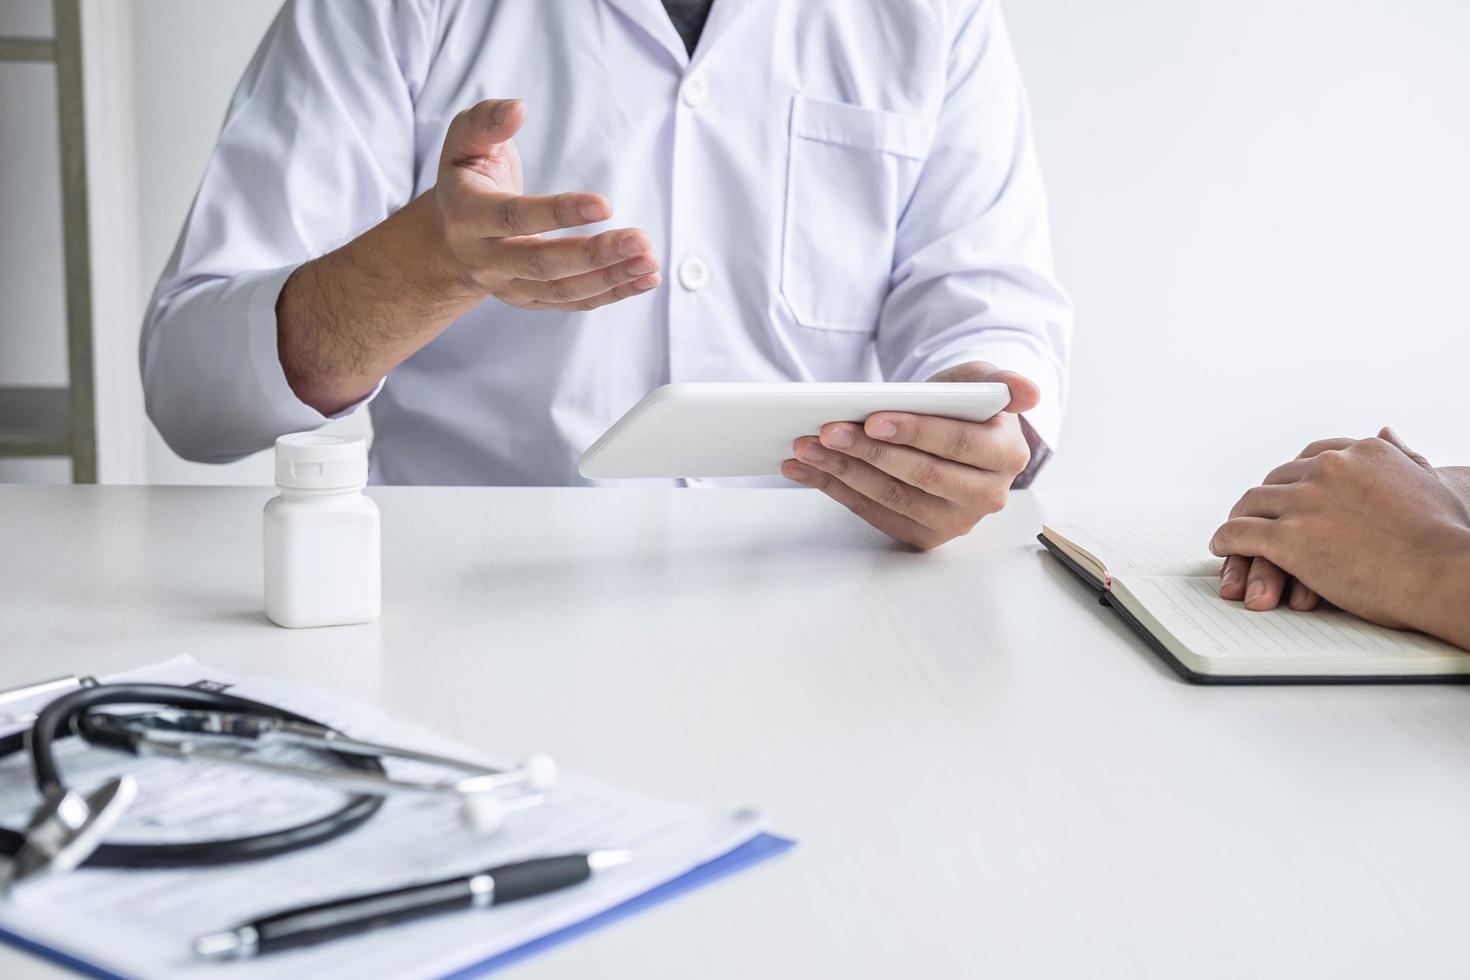 en läkare föreskriver sjukvård till en patient foto